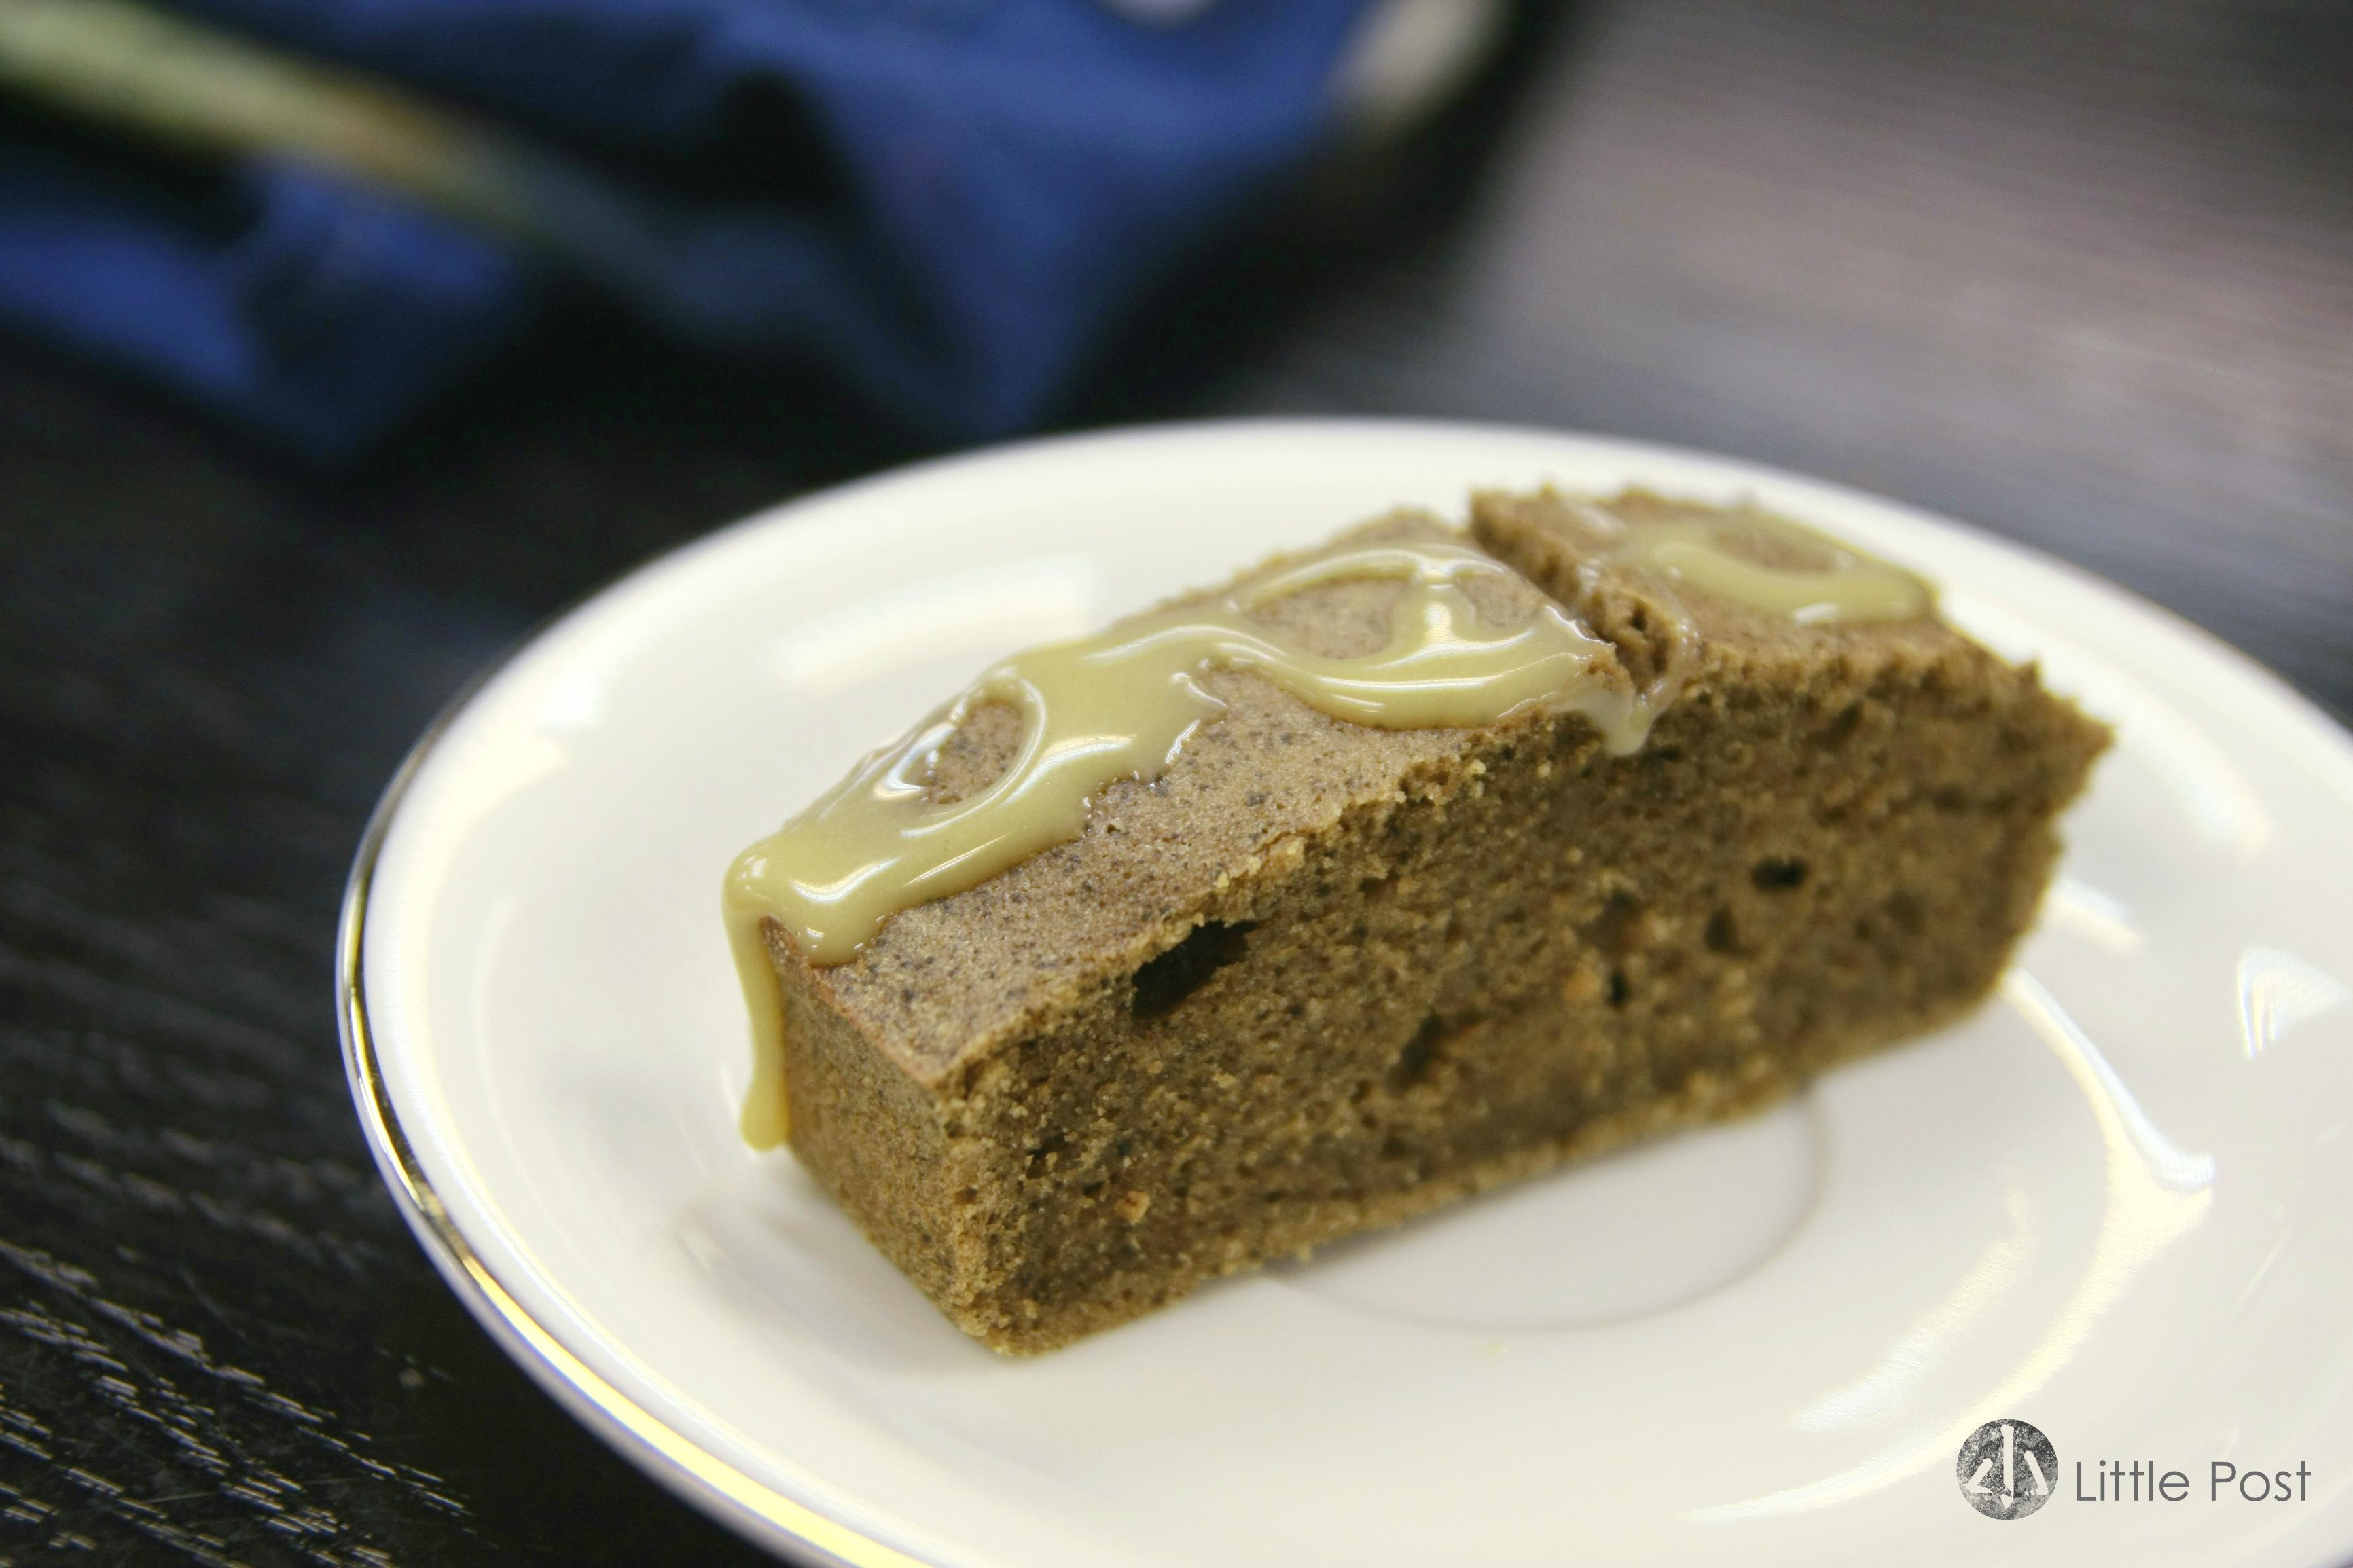 茶走蛋糕,很有驚喜的一件蛋糕,味道沒有「搞錯」呢!